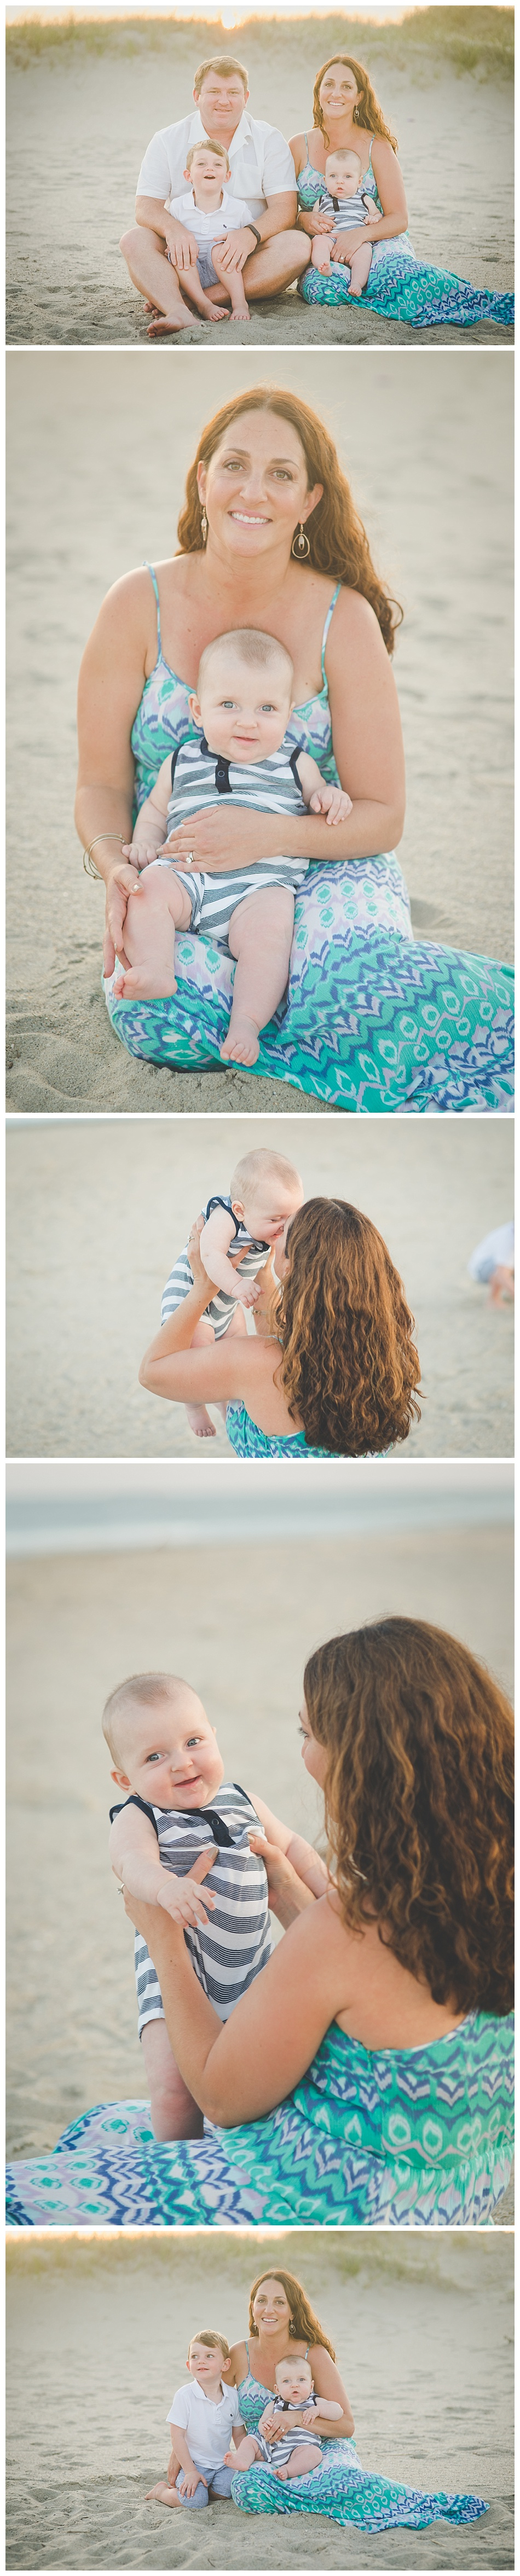 wilmingtonncfamilyphotographer